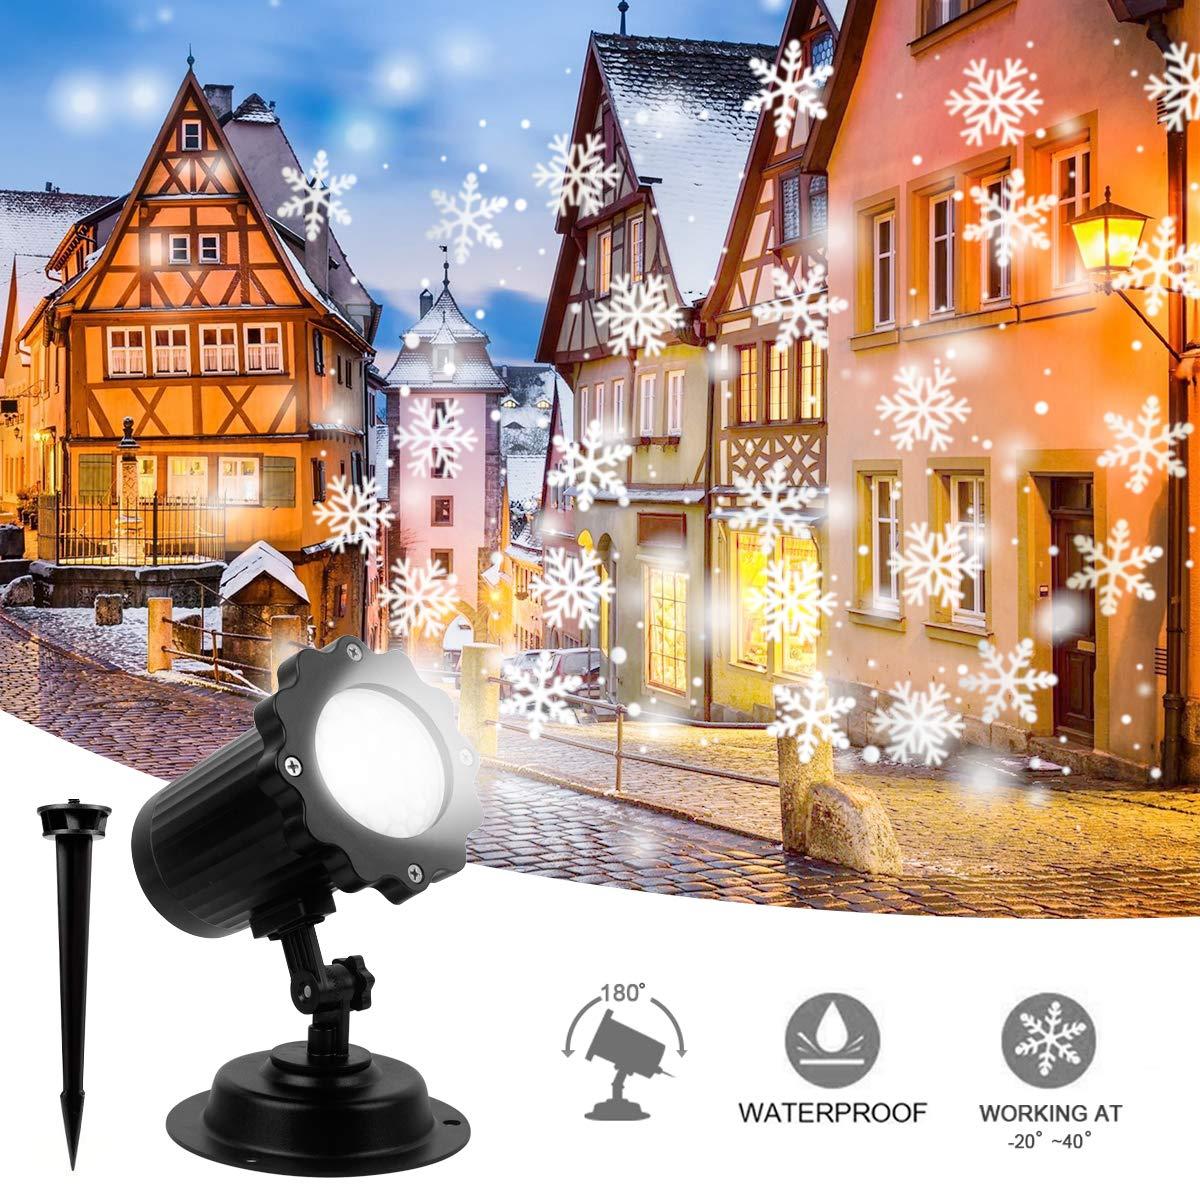 Proiettore Luci Natalizie Per Interno.Dettagli Su Proiettore A Luce Di Fiocco Neve Luci Natale A Led Decorativo Per Interni